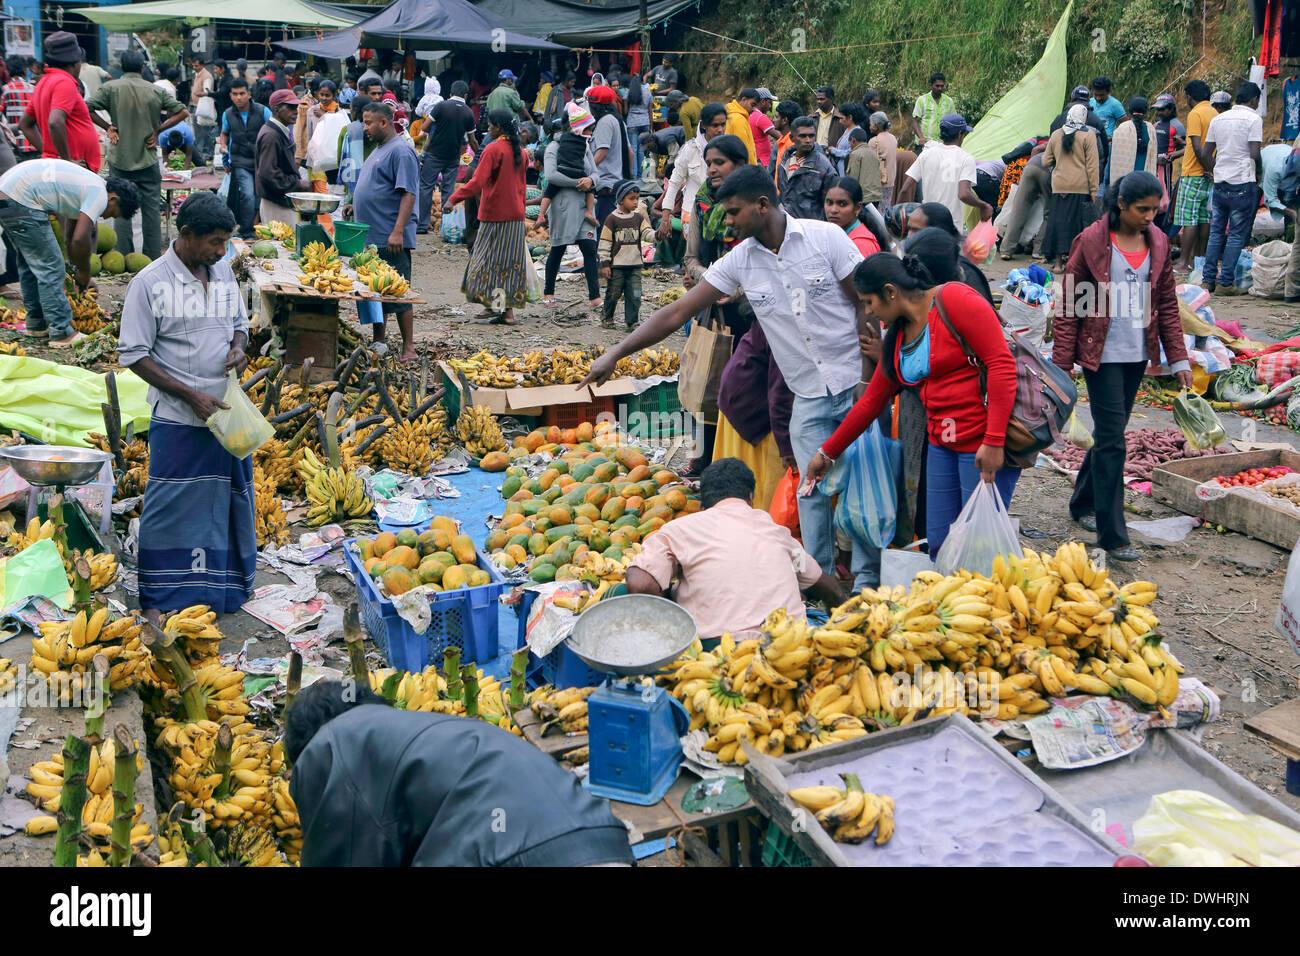 Fin de semana ajetreado mercado de frutas y verduras en Nuwara Eliya Imagen De Stock